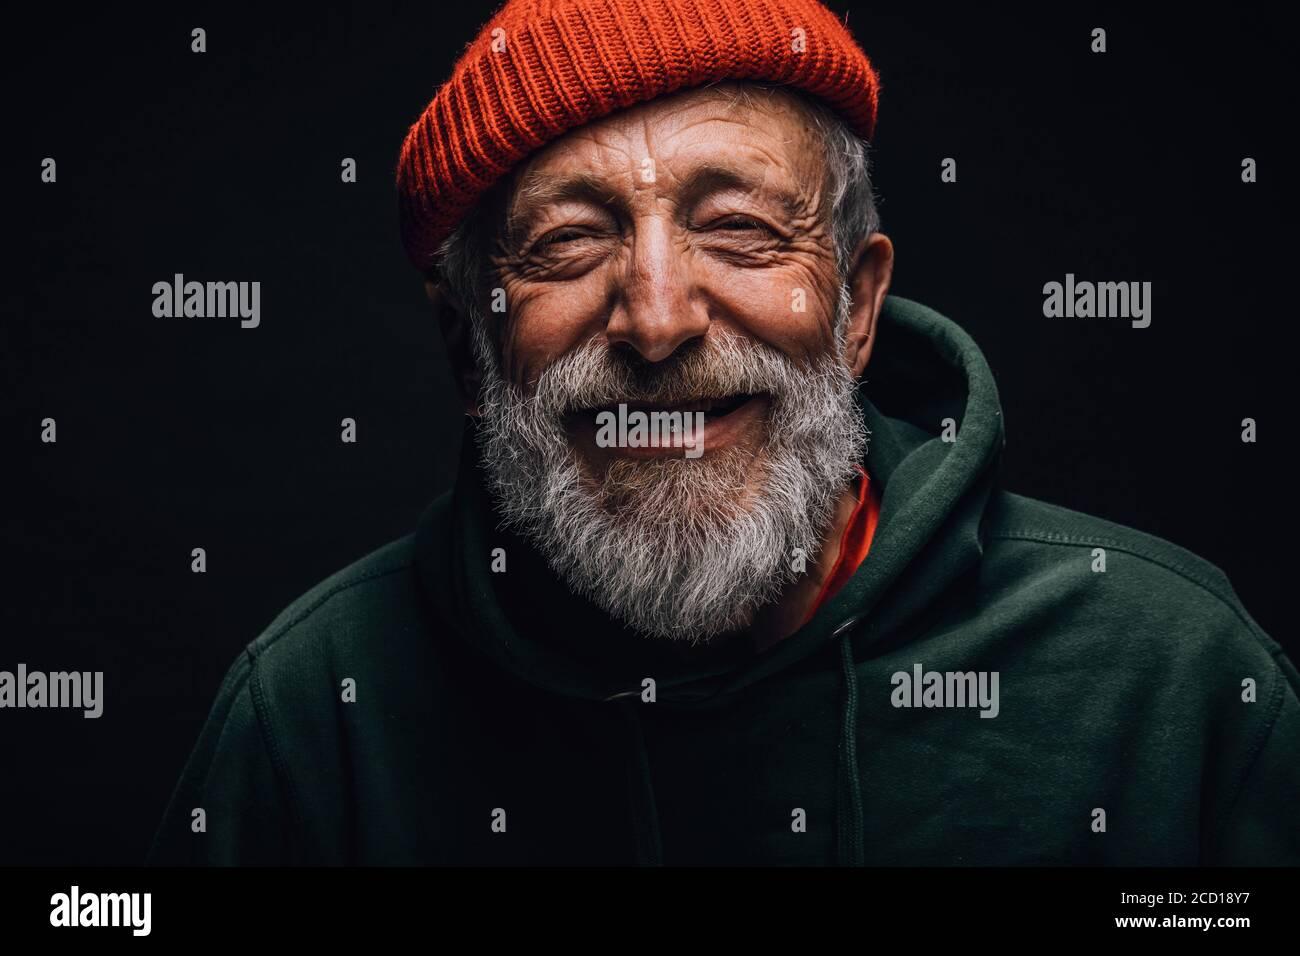 Portrait en gros plan d'un optimiste heureux de 70 ans au visage ridé souriant, vêtu d'un chapeau orange et d'un sweat à capuche vert hipster, isolé sur une bande noire Banque D'Images